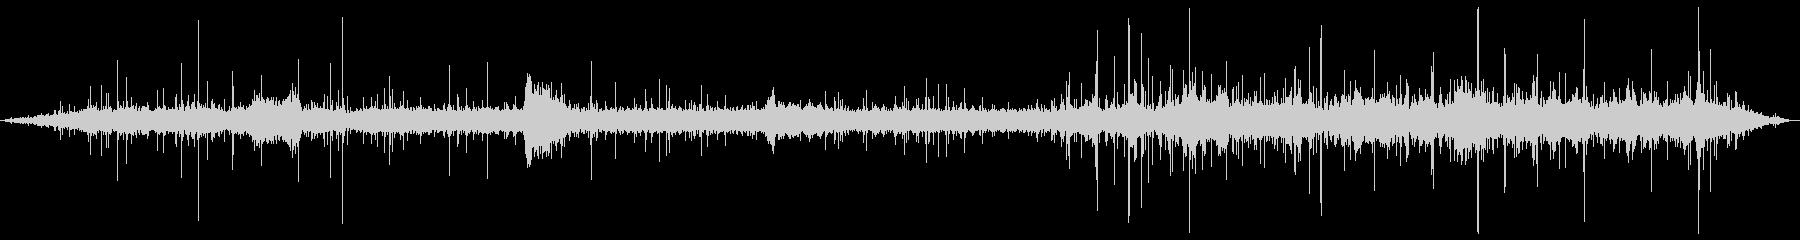 水の音と鳥の鳴き声(ヒーリング音)の未再生の波形